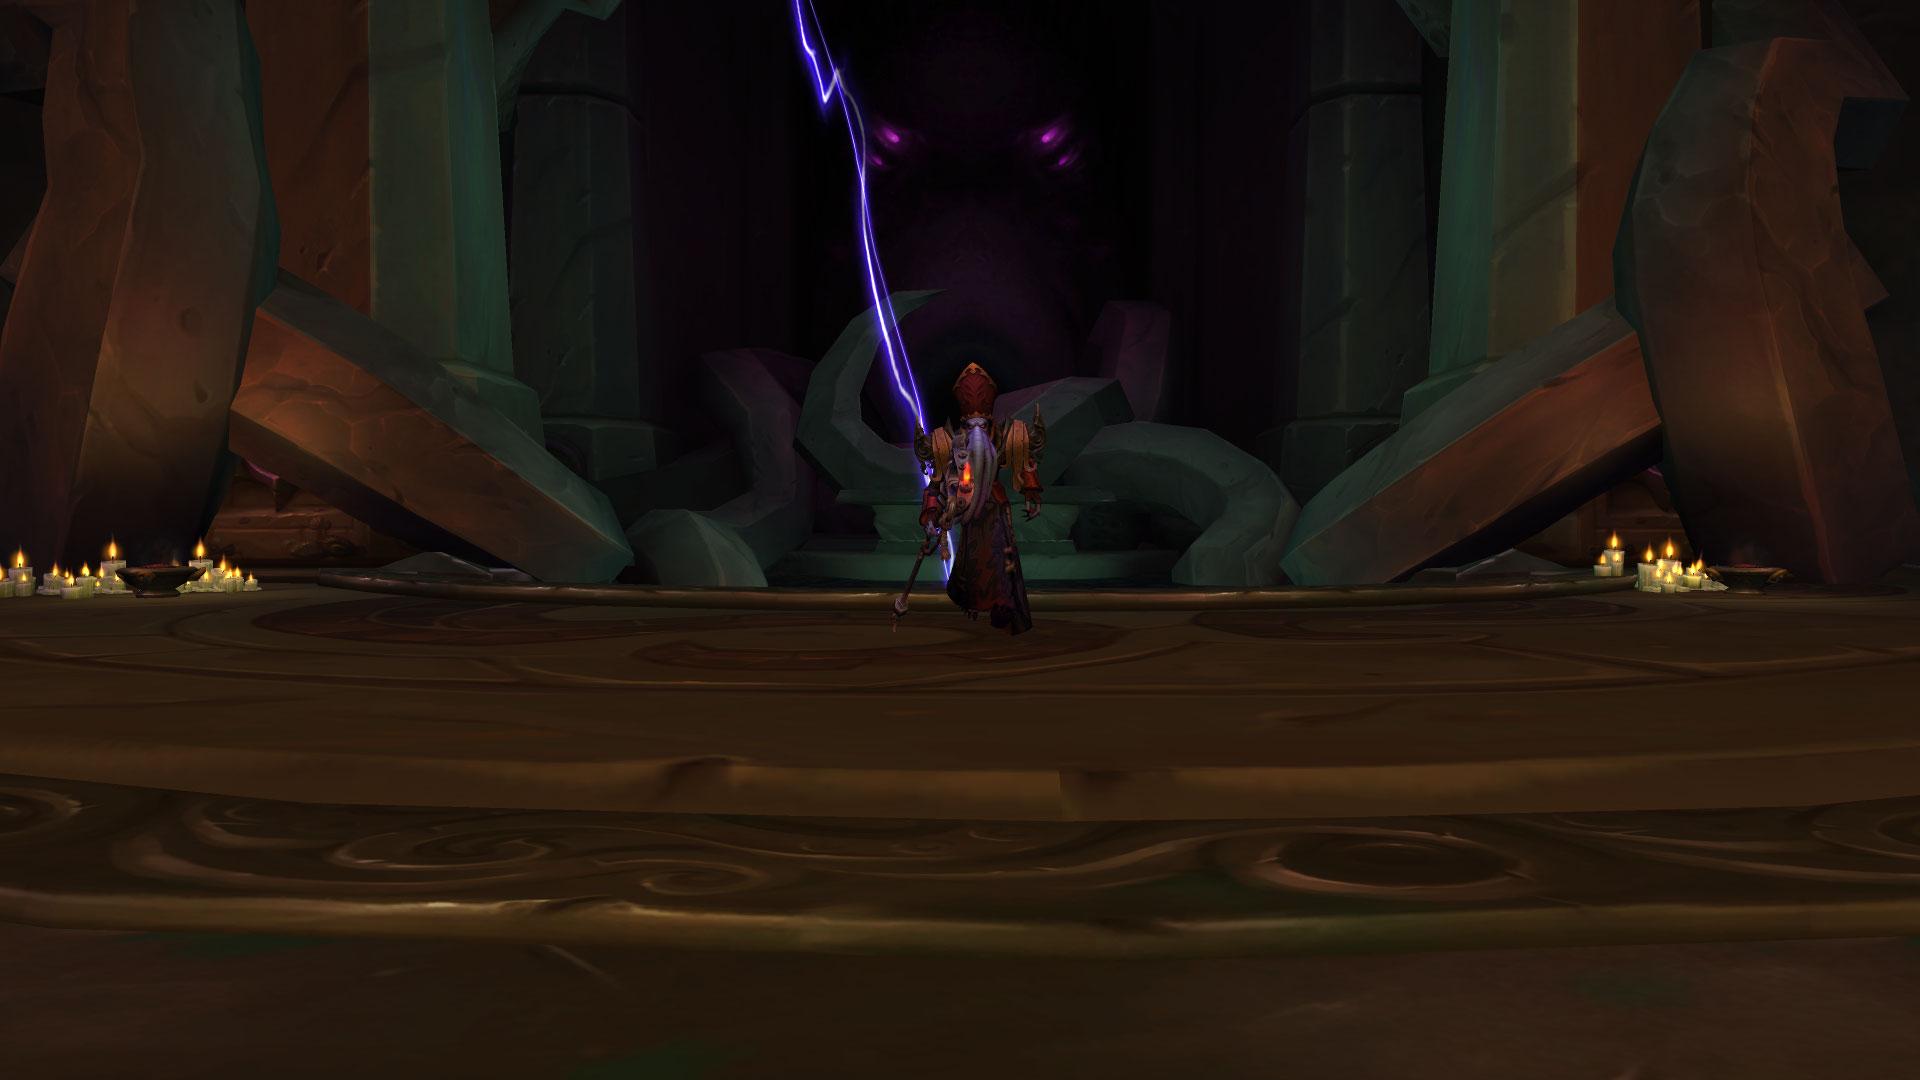 Le seigneur Chantorage utilise les pouvoirs du Vide pour vous attaquer